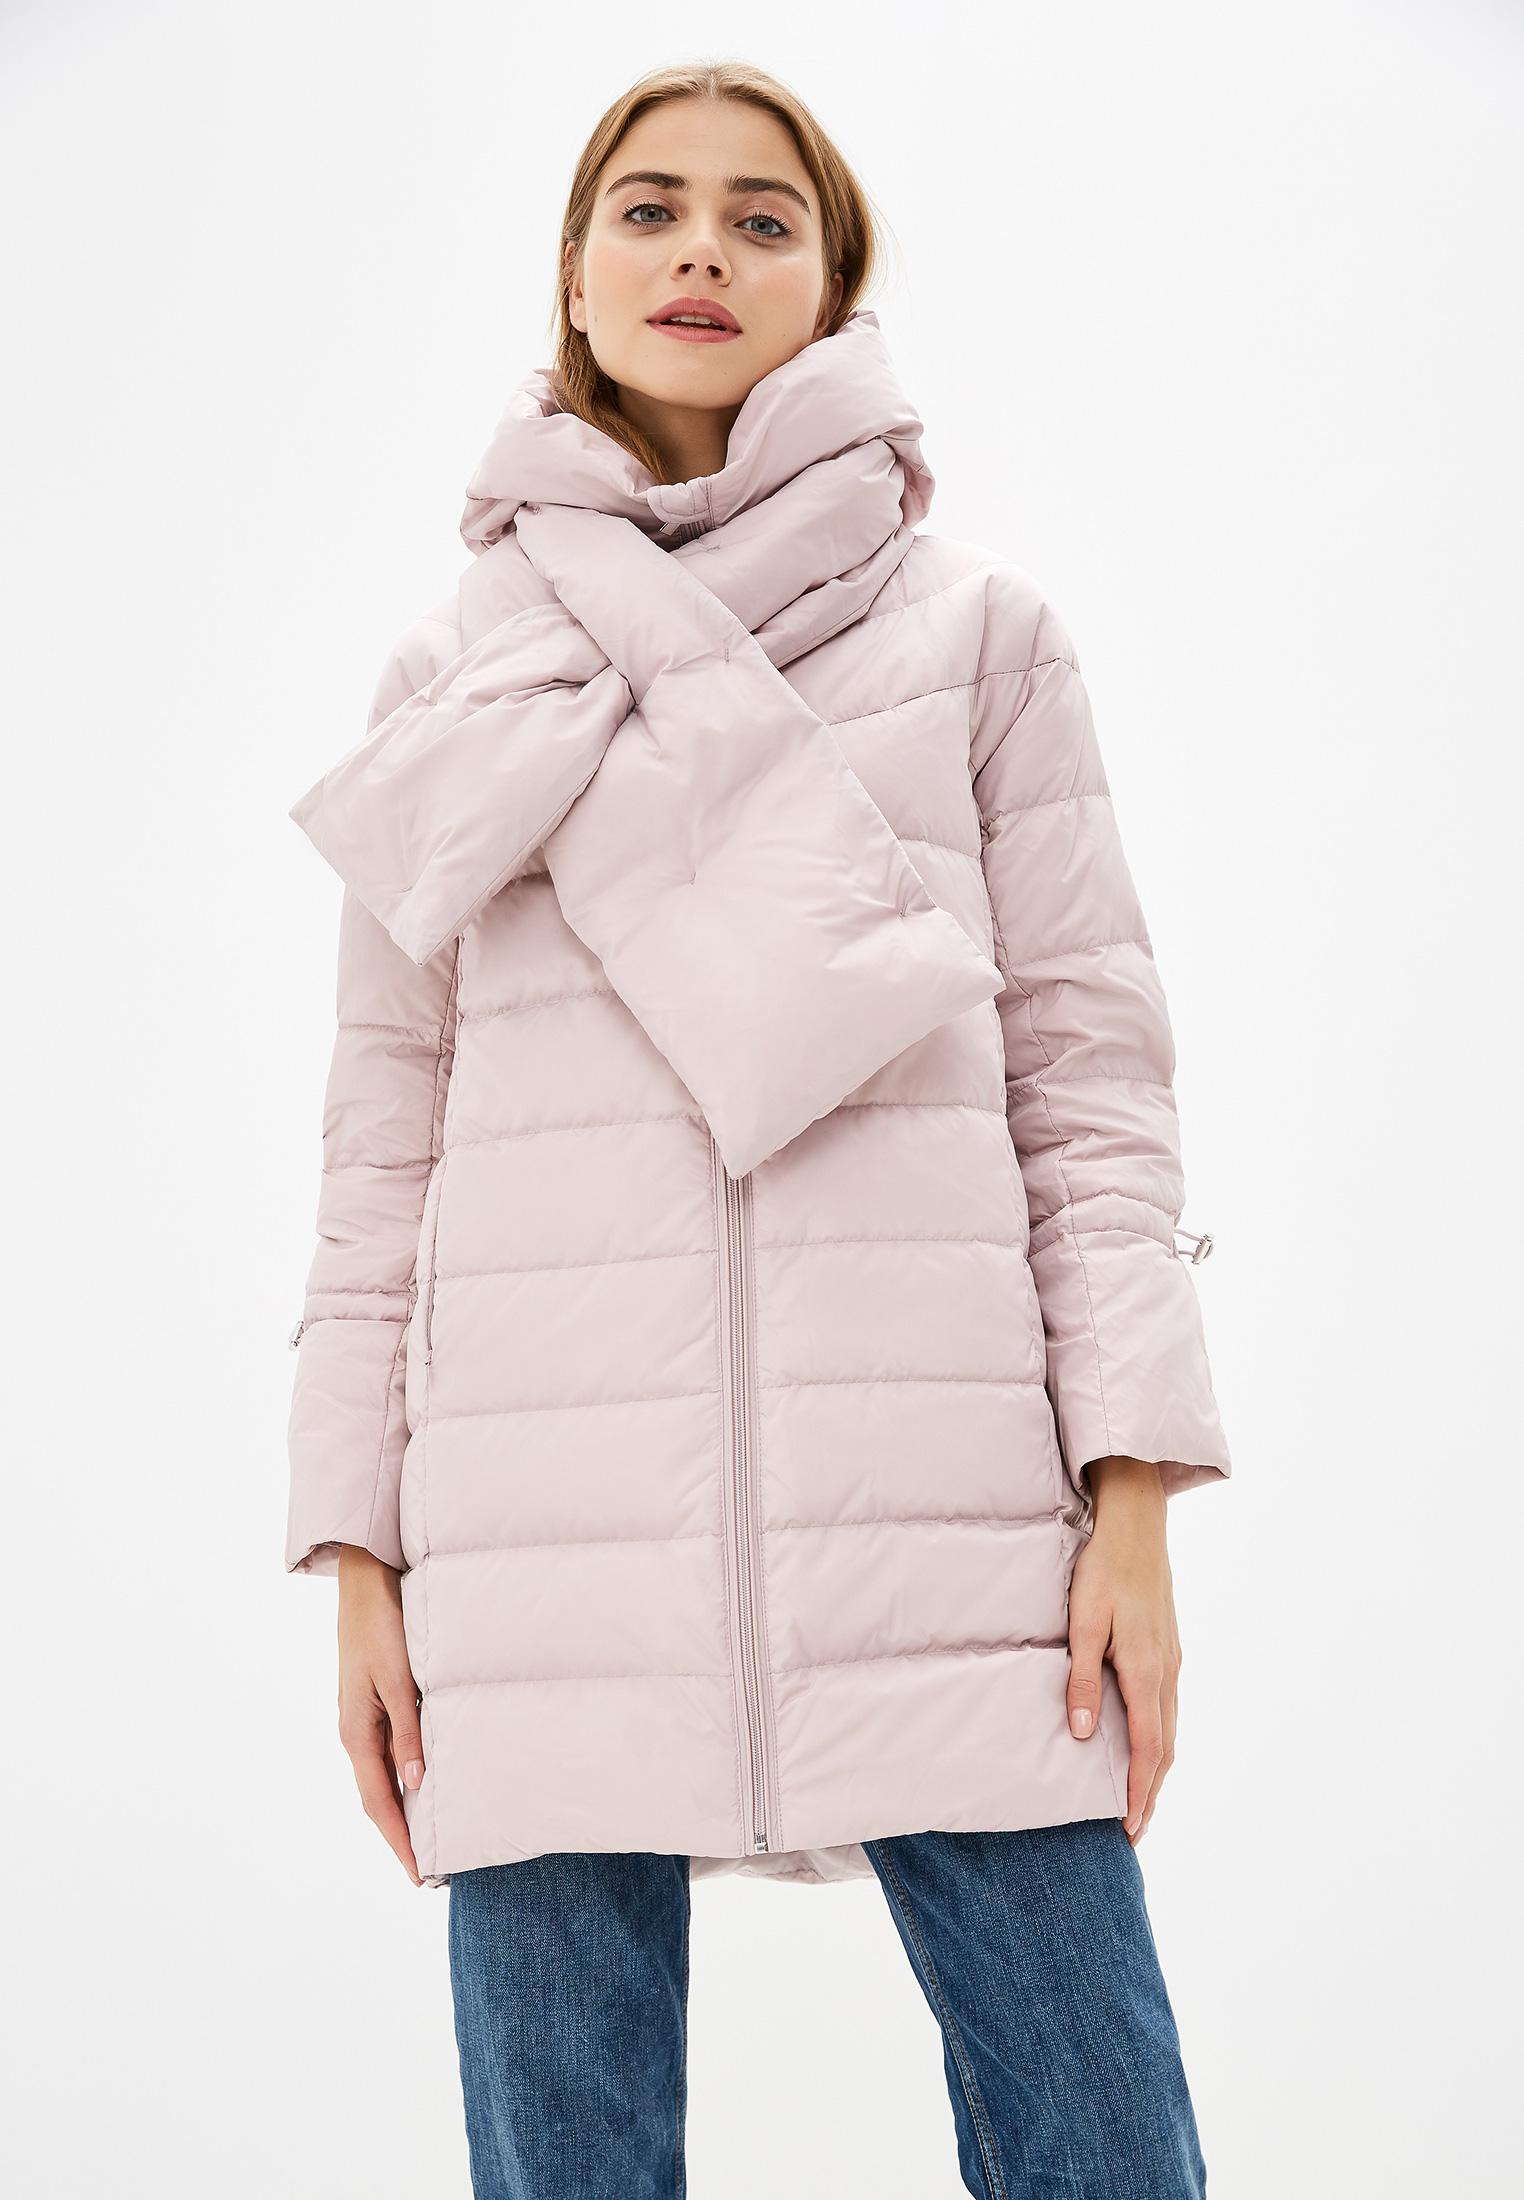 Пуховик, Savage, цвет: розовый. Артикул: SA004EWGESB9. Одежда / Верхняя одежда / Пуховики и зимние куртки